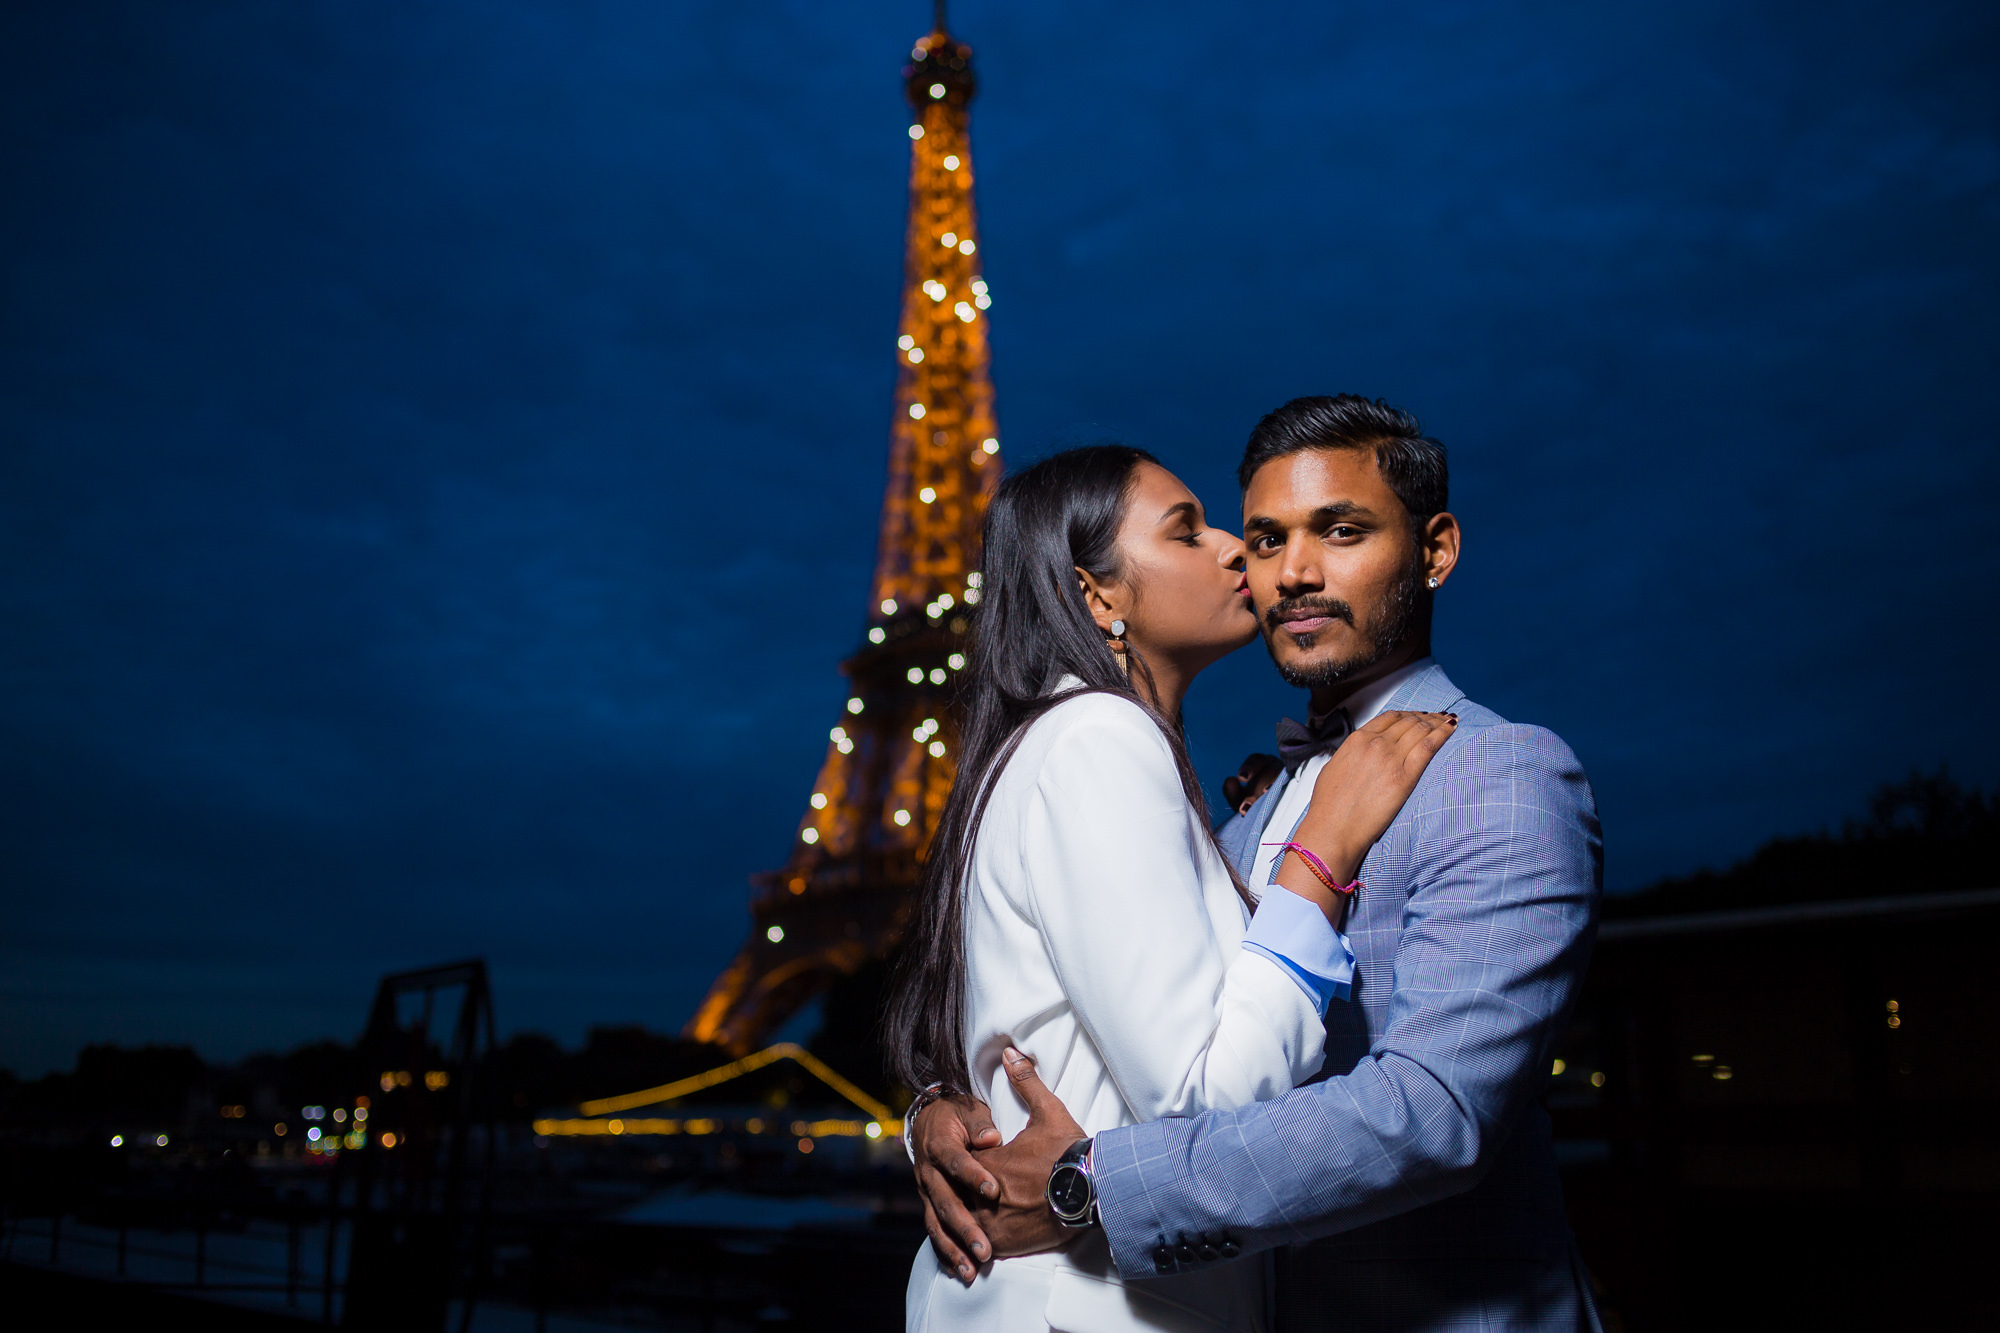 Séance engagement PARIS Mindu et Dhan s'aime à Paris